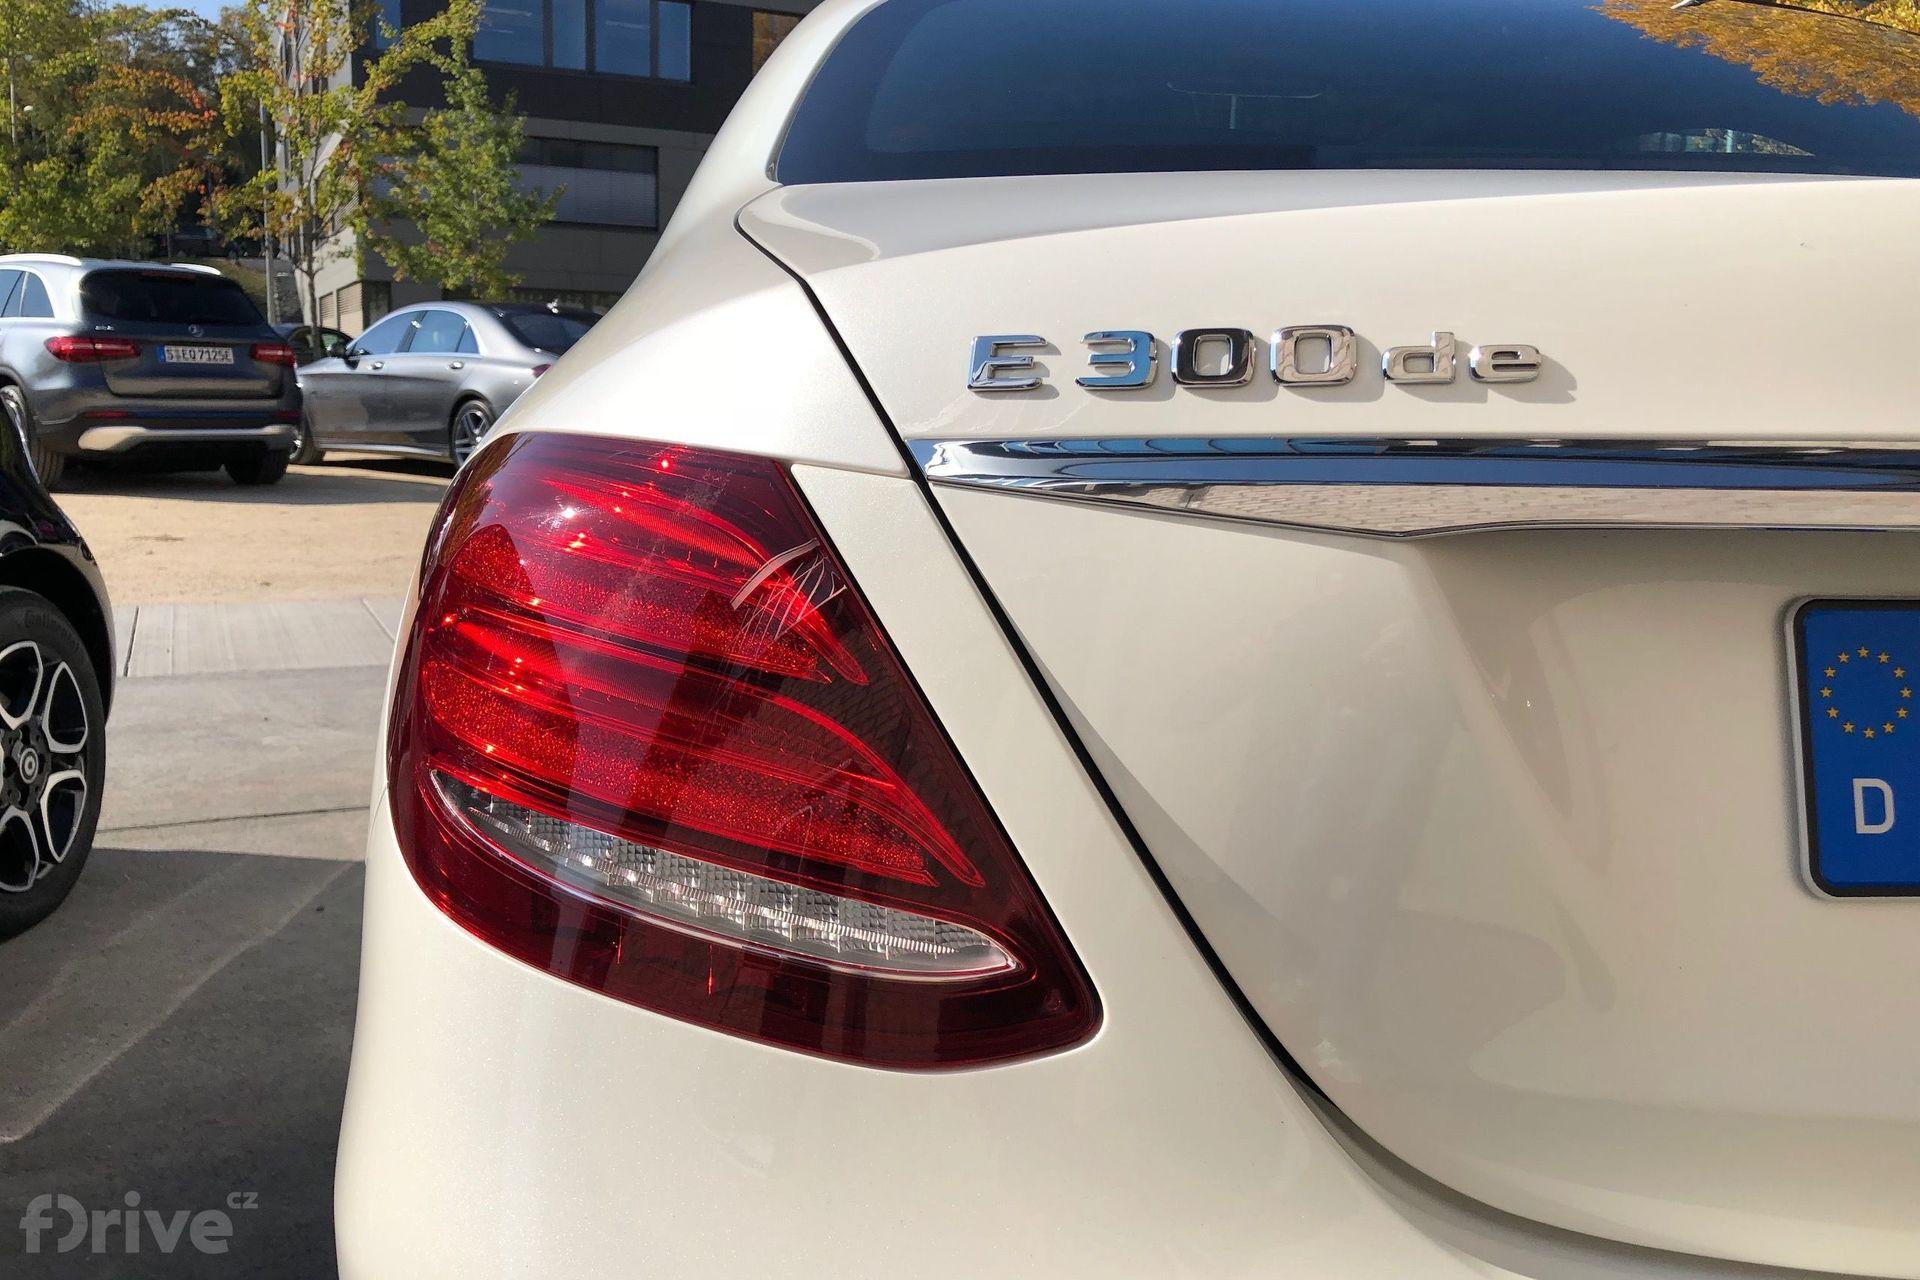 Mercedes-Benz E 300de